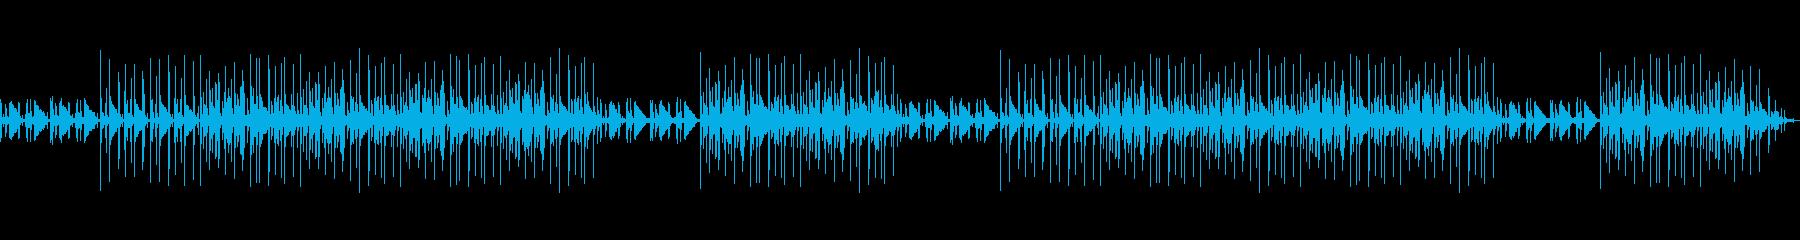 カフェっぽいイメージのポップな曲です。の再生済みの波形